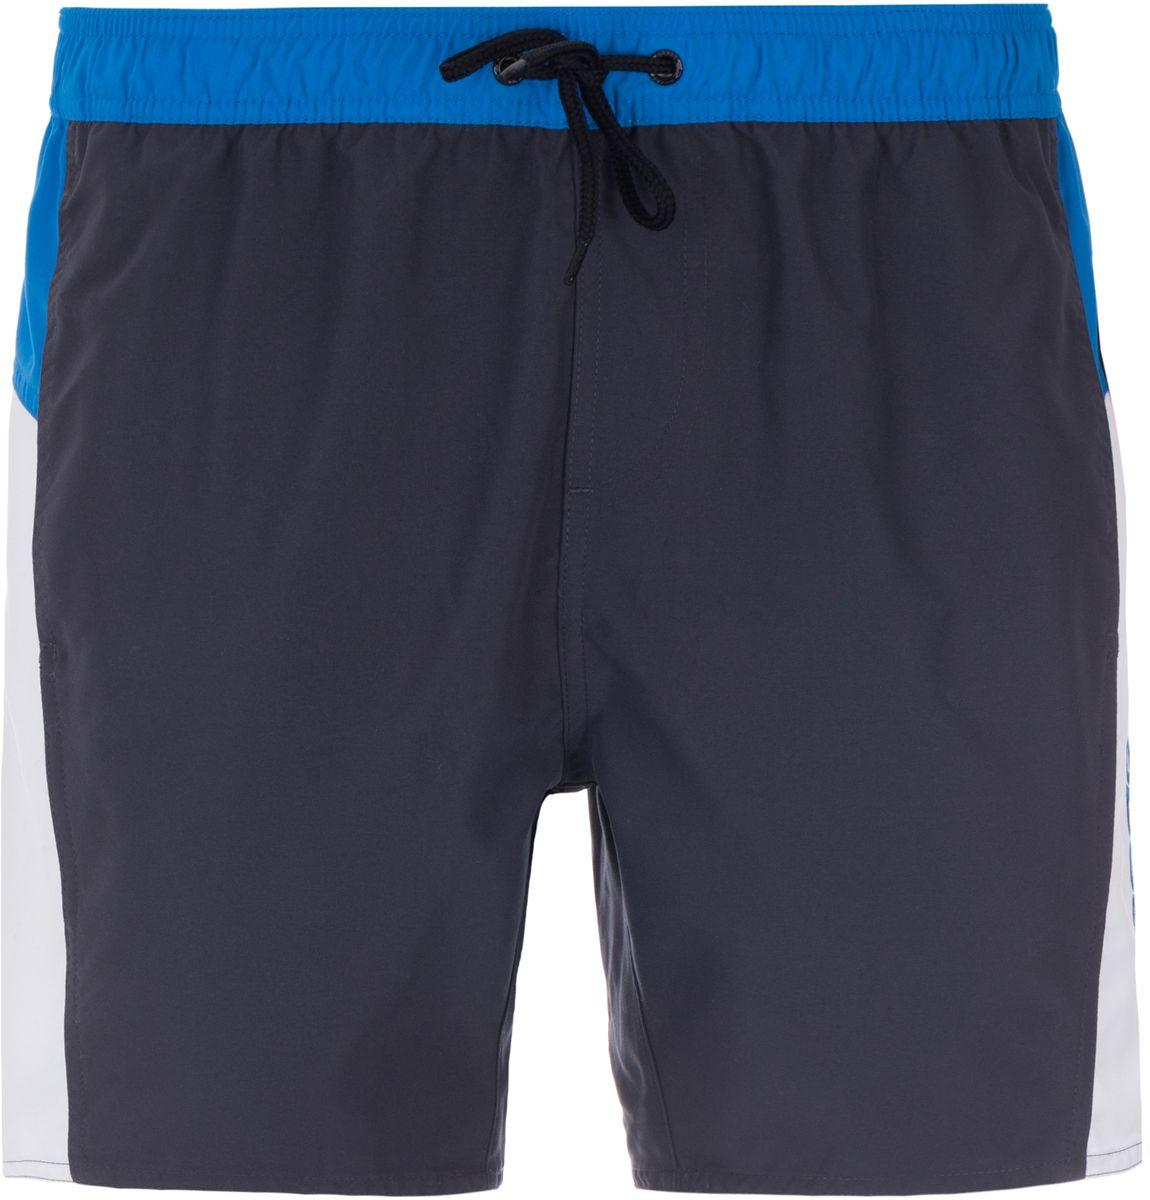 Шорты для плавания мужские Speedo Sport SPL 16 Watershort, цвет: серый. 8-09265B470-B470. Размер M (48/50)8-09265B470-B470Мужские шорты для плавания Speedo Sport Splice 16 Watershort изготовлены из быстросохнущего материала. Легкая и прочная ткань со специальной обработкой позволяет шортам быстро высыхать после намокания, не сковывает свободу движений. Материал с бархатистым эффектом имеет приятные тактильные свойства. Сетчатая несъемная вставка в виде трусов-слипов обеспечивает необходимую циркуляцию воздуха. Эластичный пояс с затягивающимся шнурком позволяет отрегулировать посадку точно по фигуре. Спереди расположены два прорезных кармана с системой слива воды, подкладка которых выполнена из сетки. Изделие оформлено контрастными вставками, украшено вышитым название бренда. Такие шорты - идеальный выбор для отдыха, купания и активных игр на пляже. В них вы всегда будете чувствовать себя уверенно и комфортно!